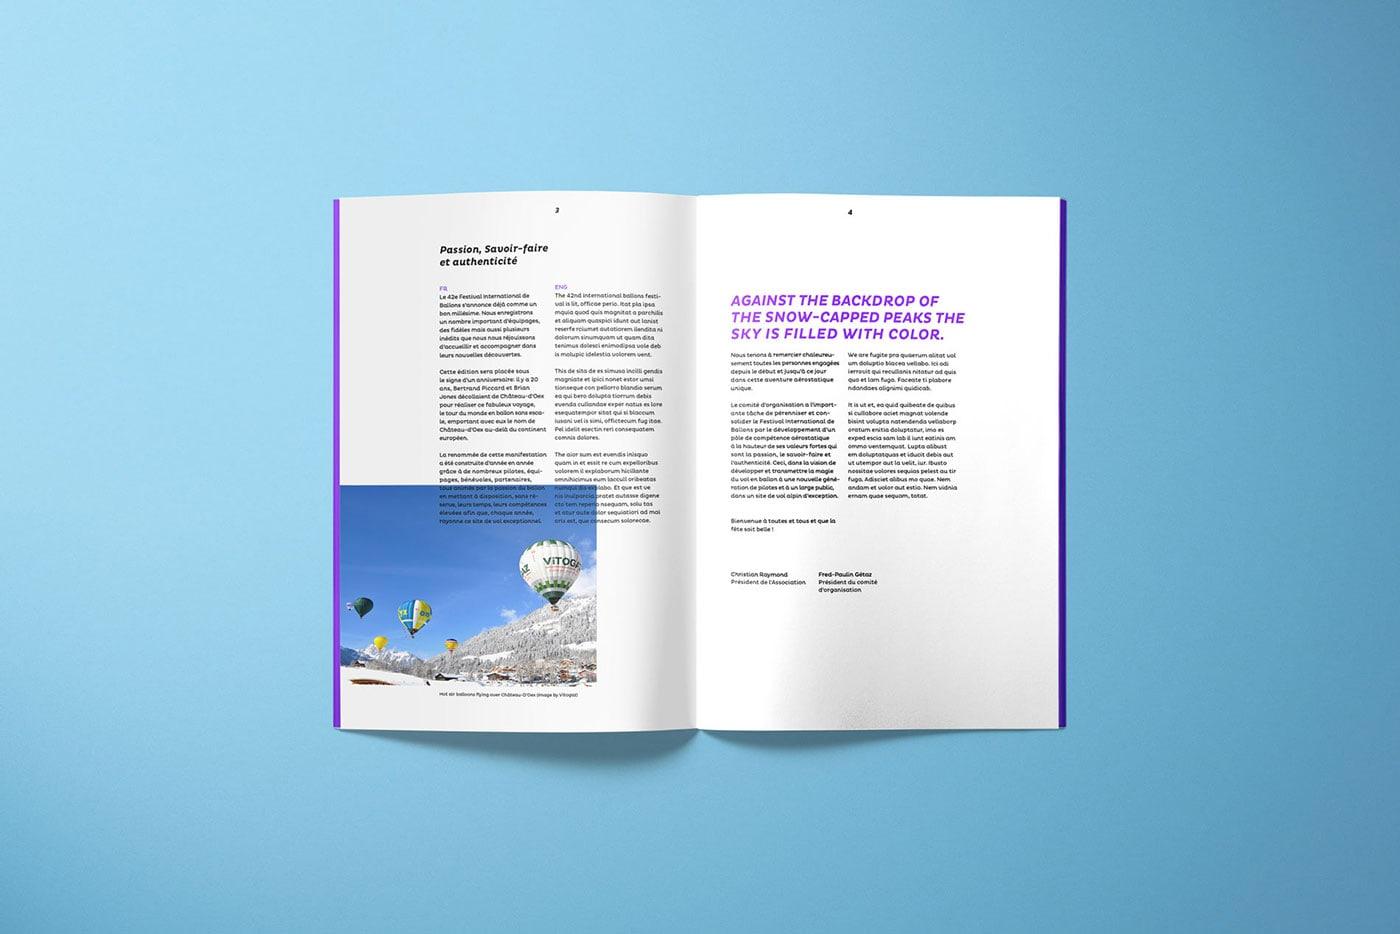 瑞士热气球节品牌概念设计